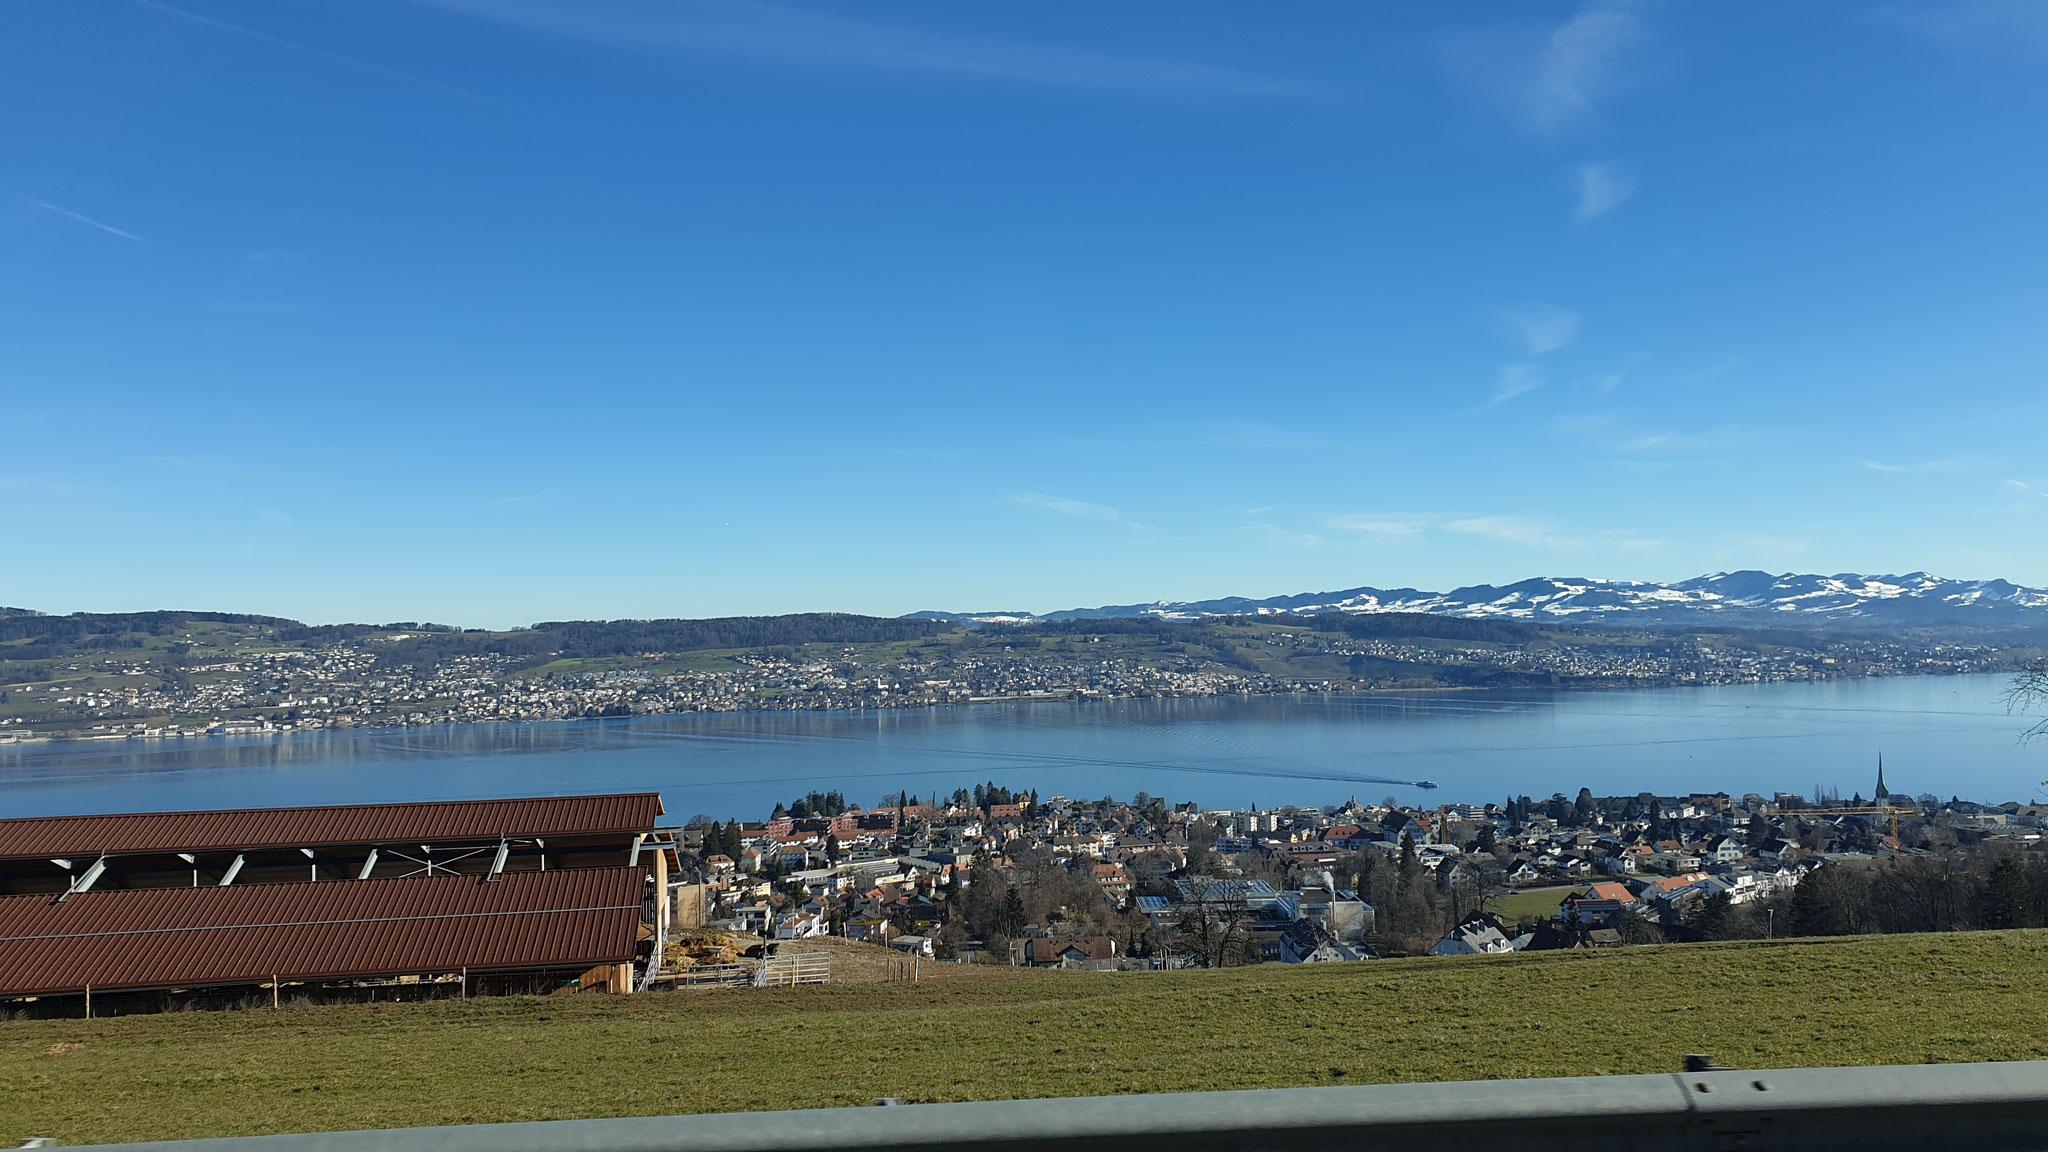 Aussichgt über den Zürichsee